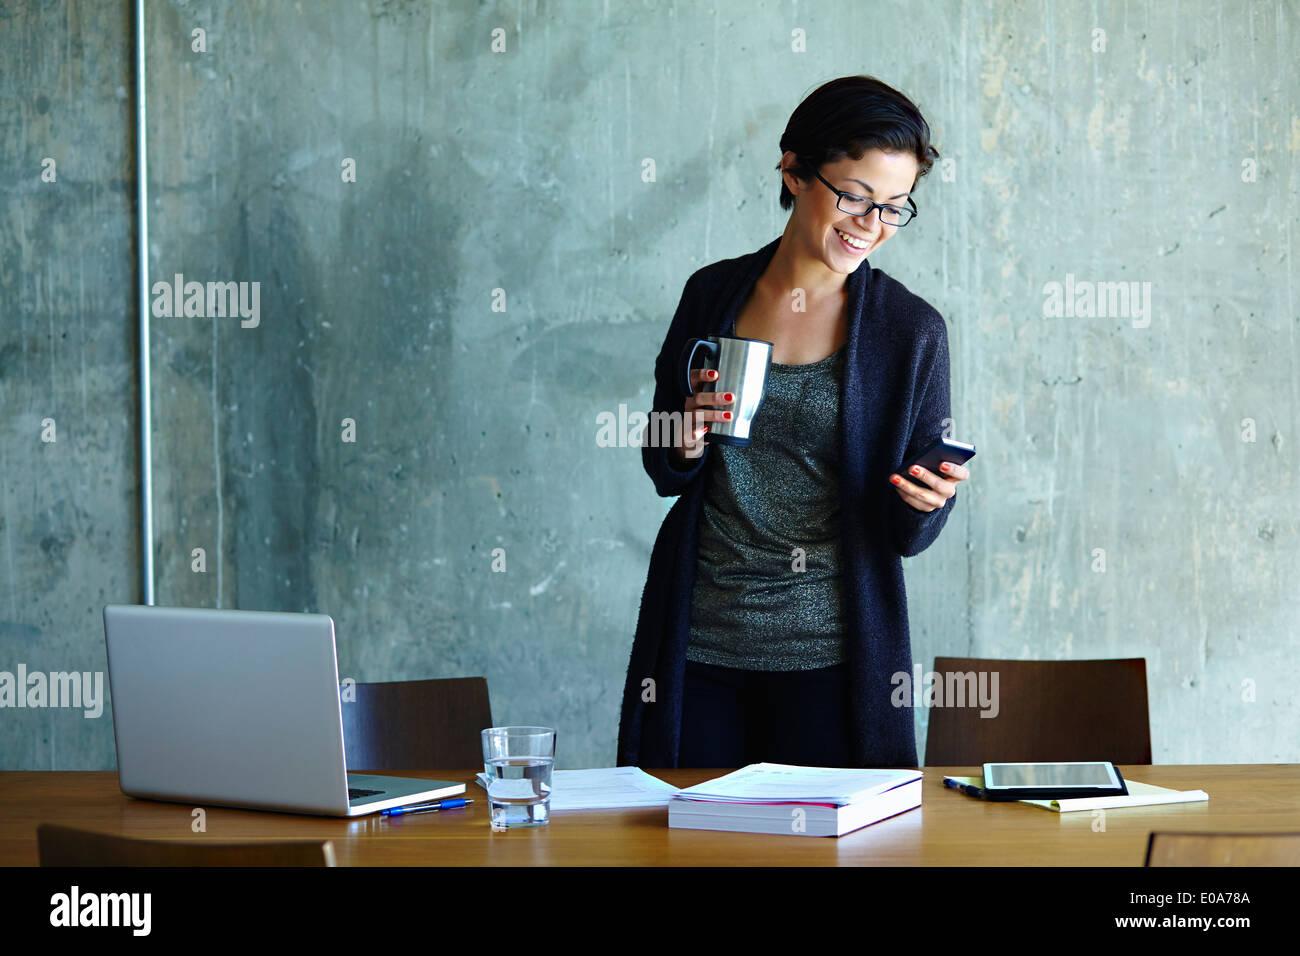 Joven Empresaria mirando smartphone en Office Imagen De Stock